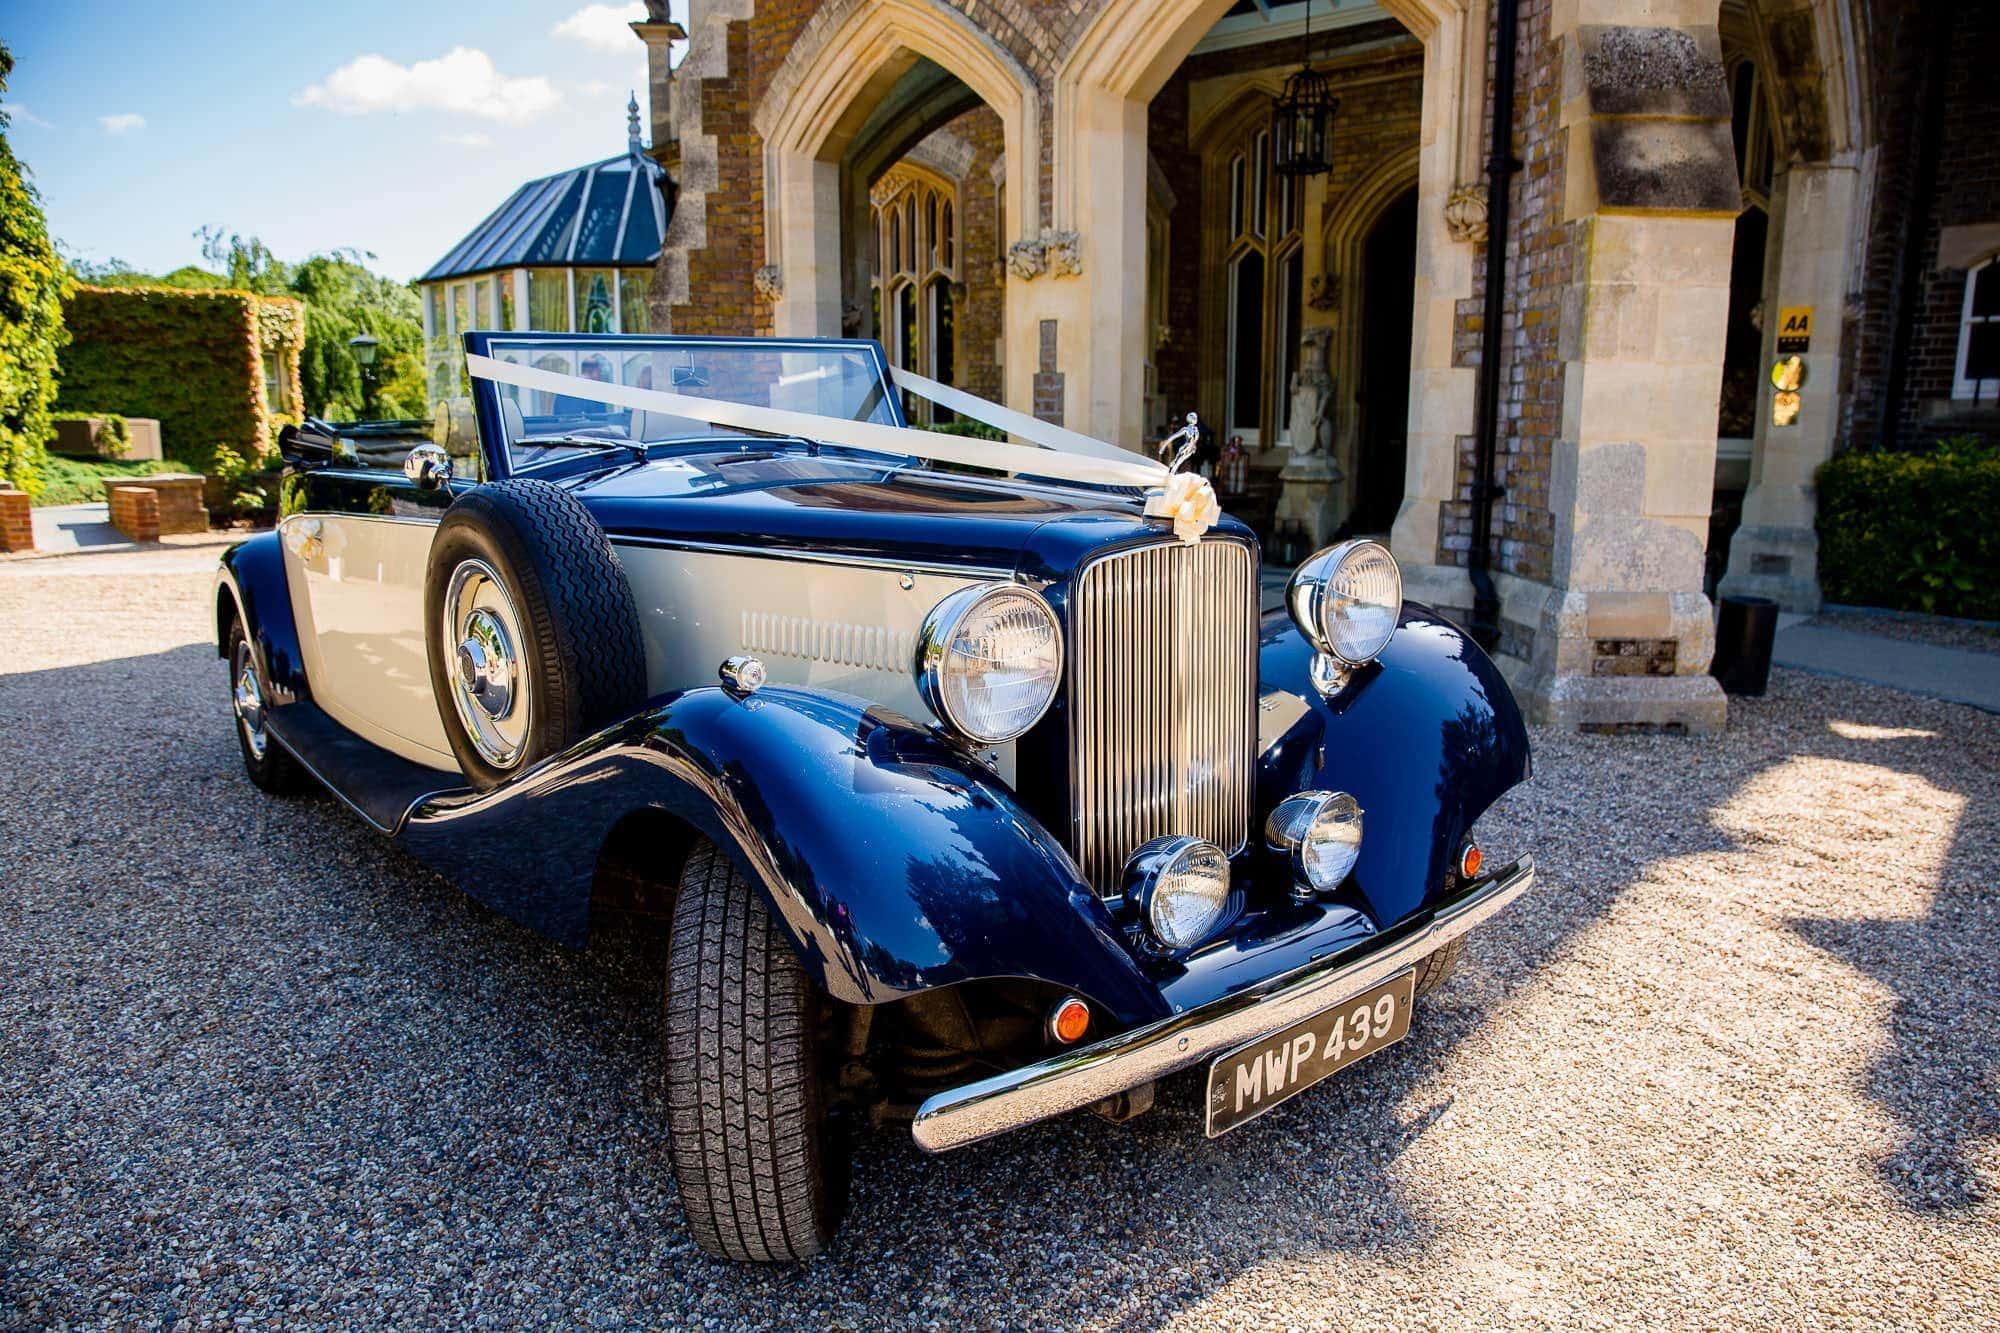 Drophead Jaguar Wedding Car at Oakley Court Wedding